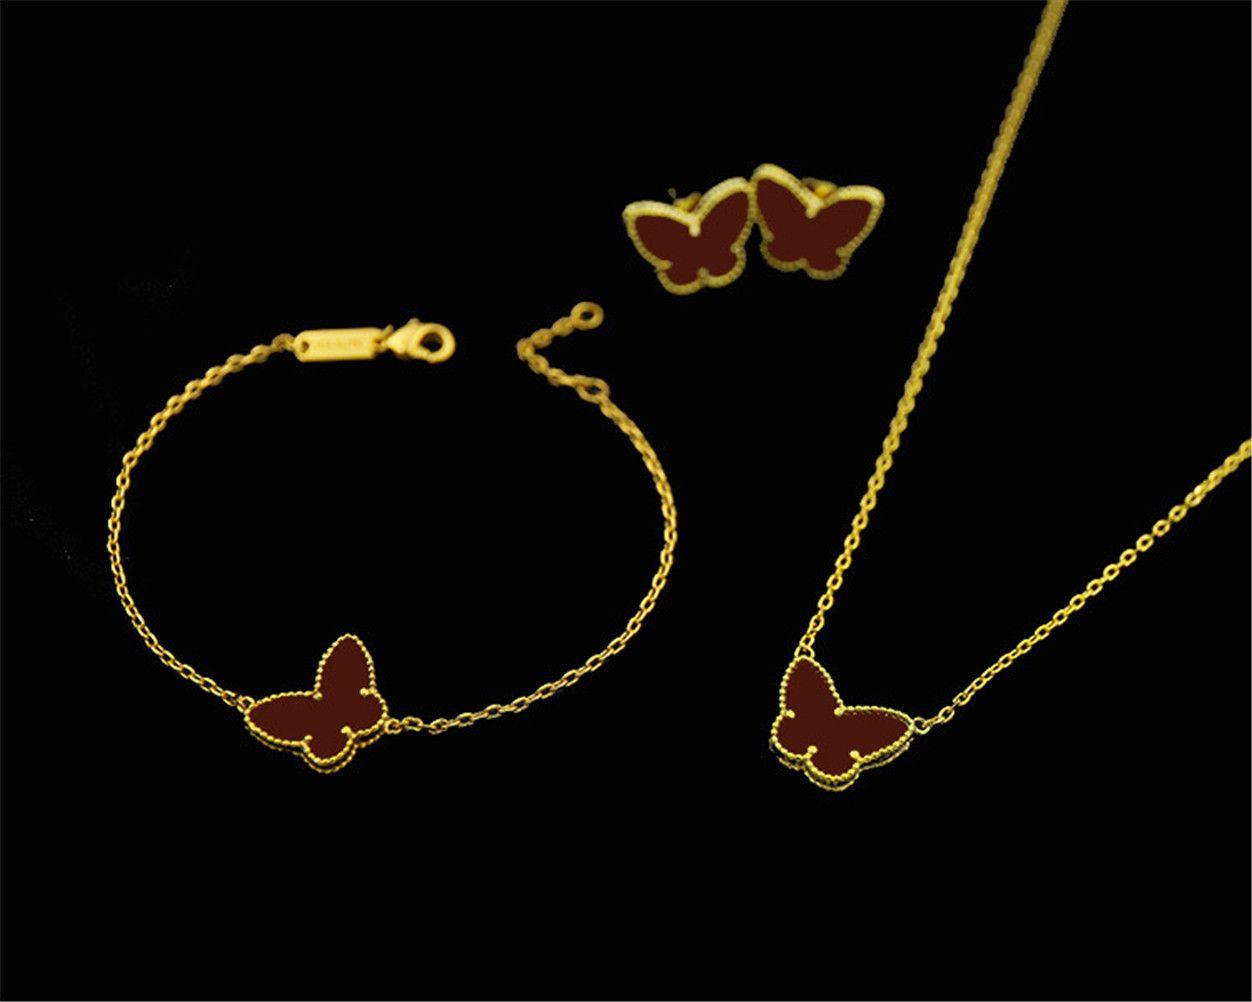 VAN 18 K Altın Moda Klasik Tatlı 4 / Dört Yapraklı Yonca Kelebek Küpe Bilezik Kolye Takı Seti S925 Gümüş Van Womengirls Için Düğün Sevgililer Günü Hediyesi